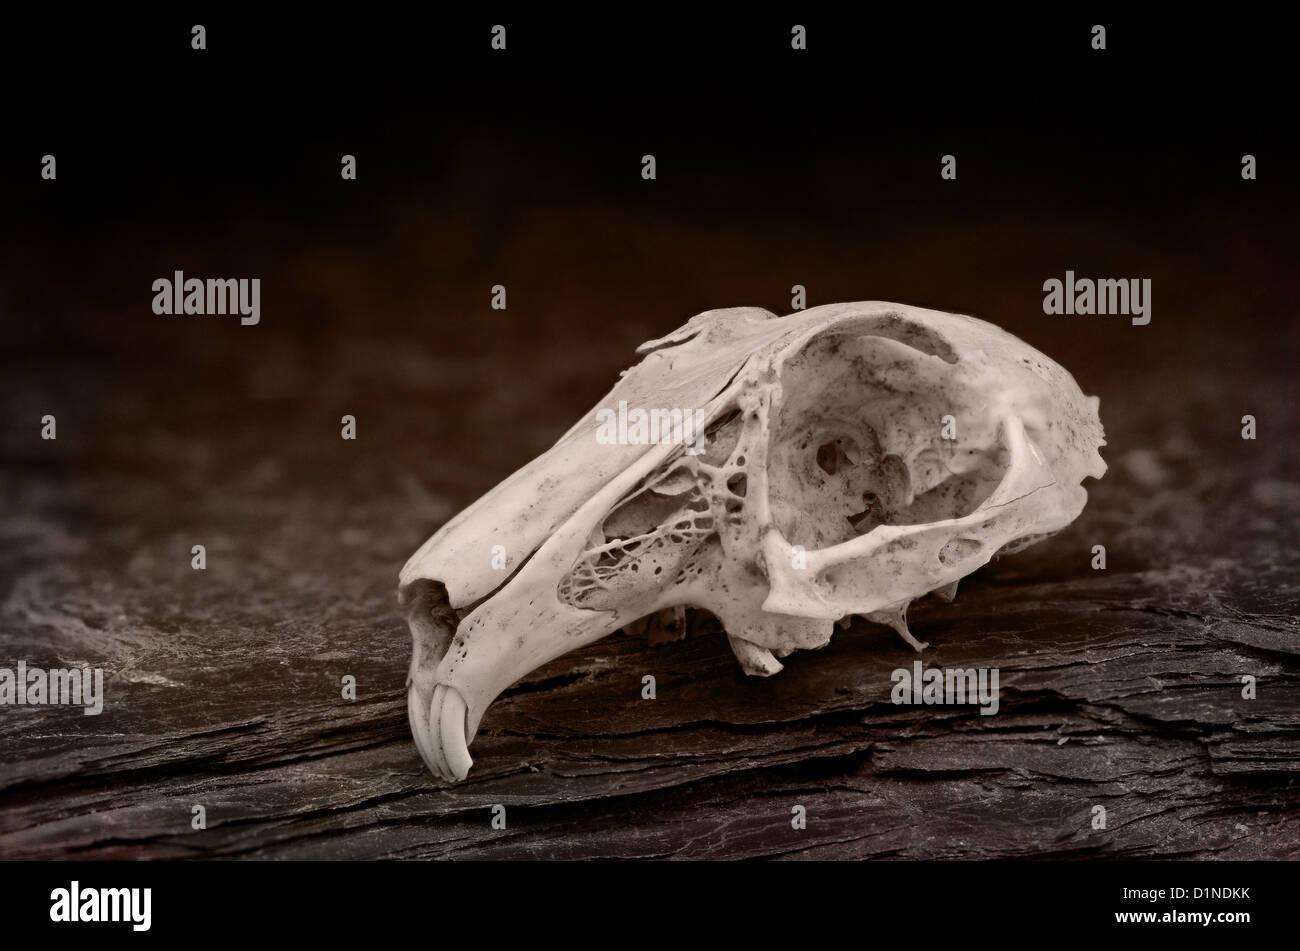 Rabbit skull anatomy